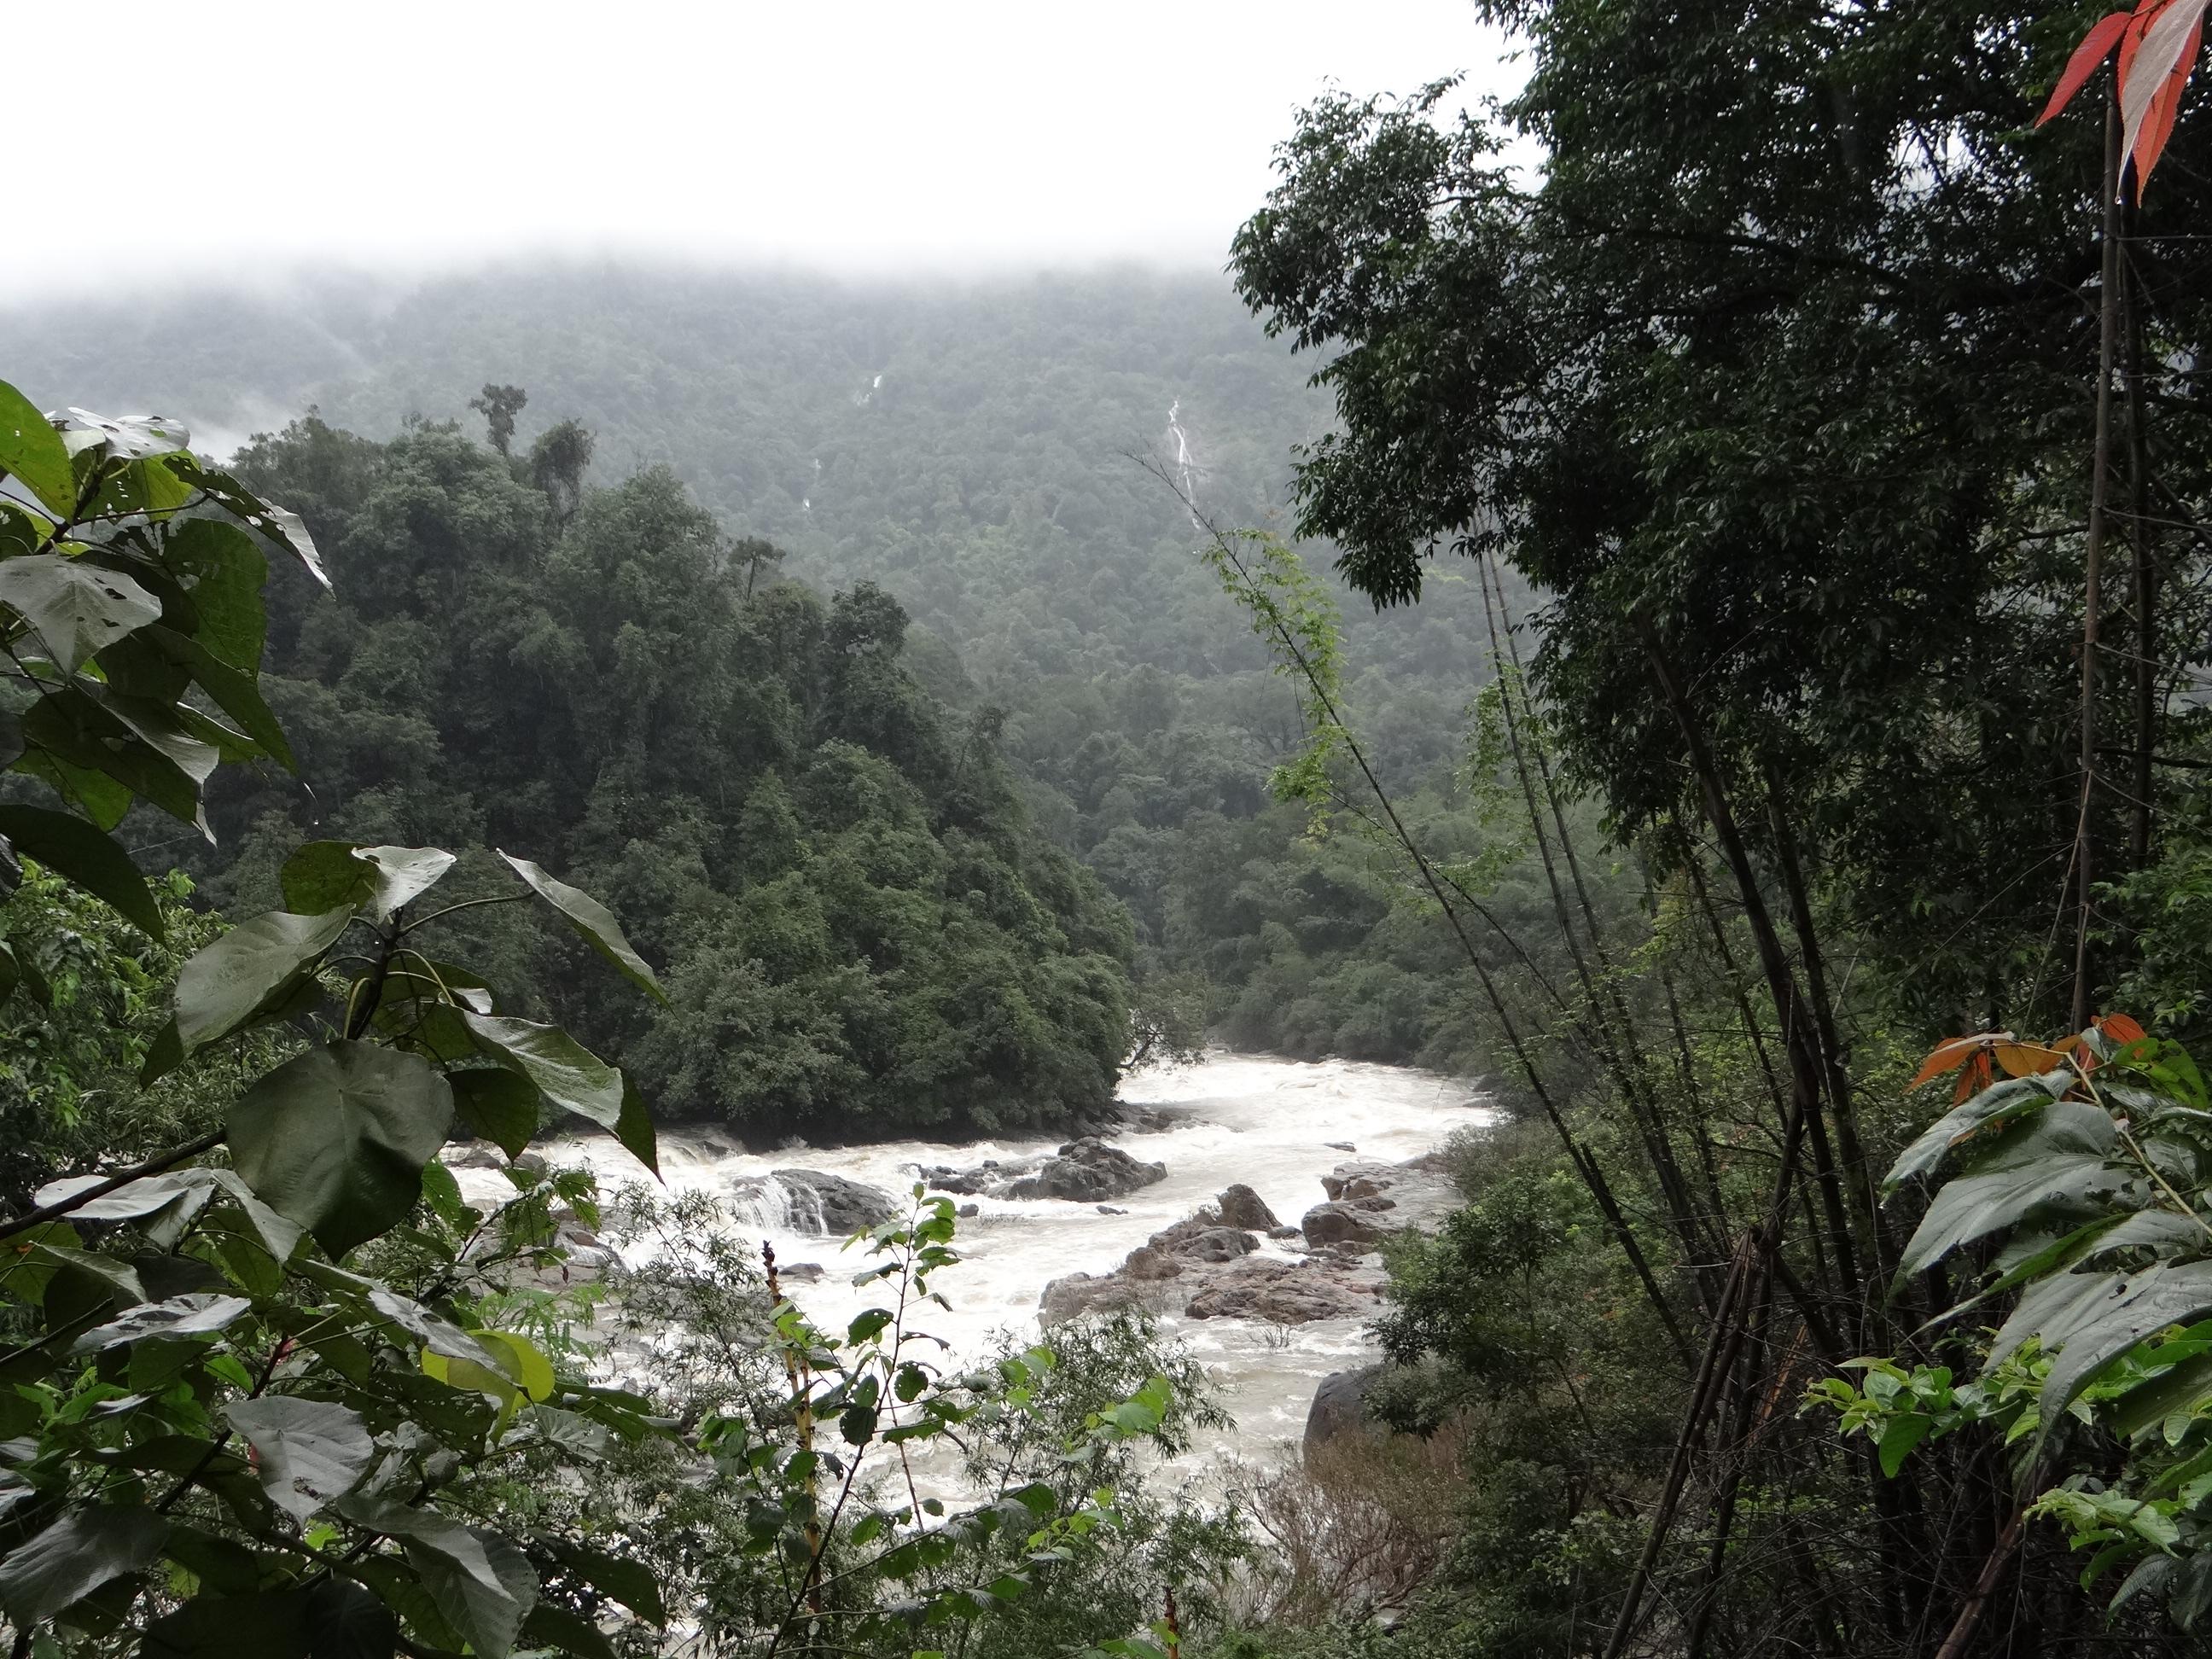 Headwaters of Netravathi and Gundia threatened by Yettinahole Diversion Photo: Parineeta Dandekar, SANDRP